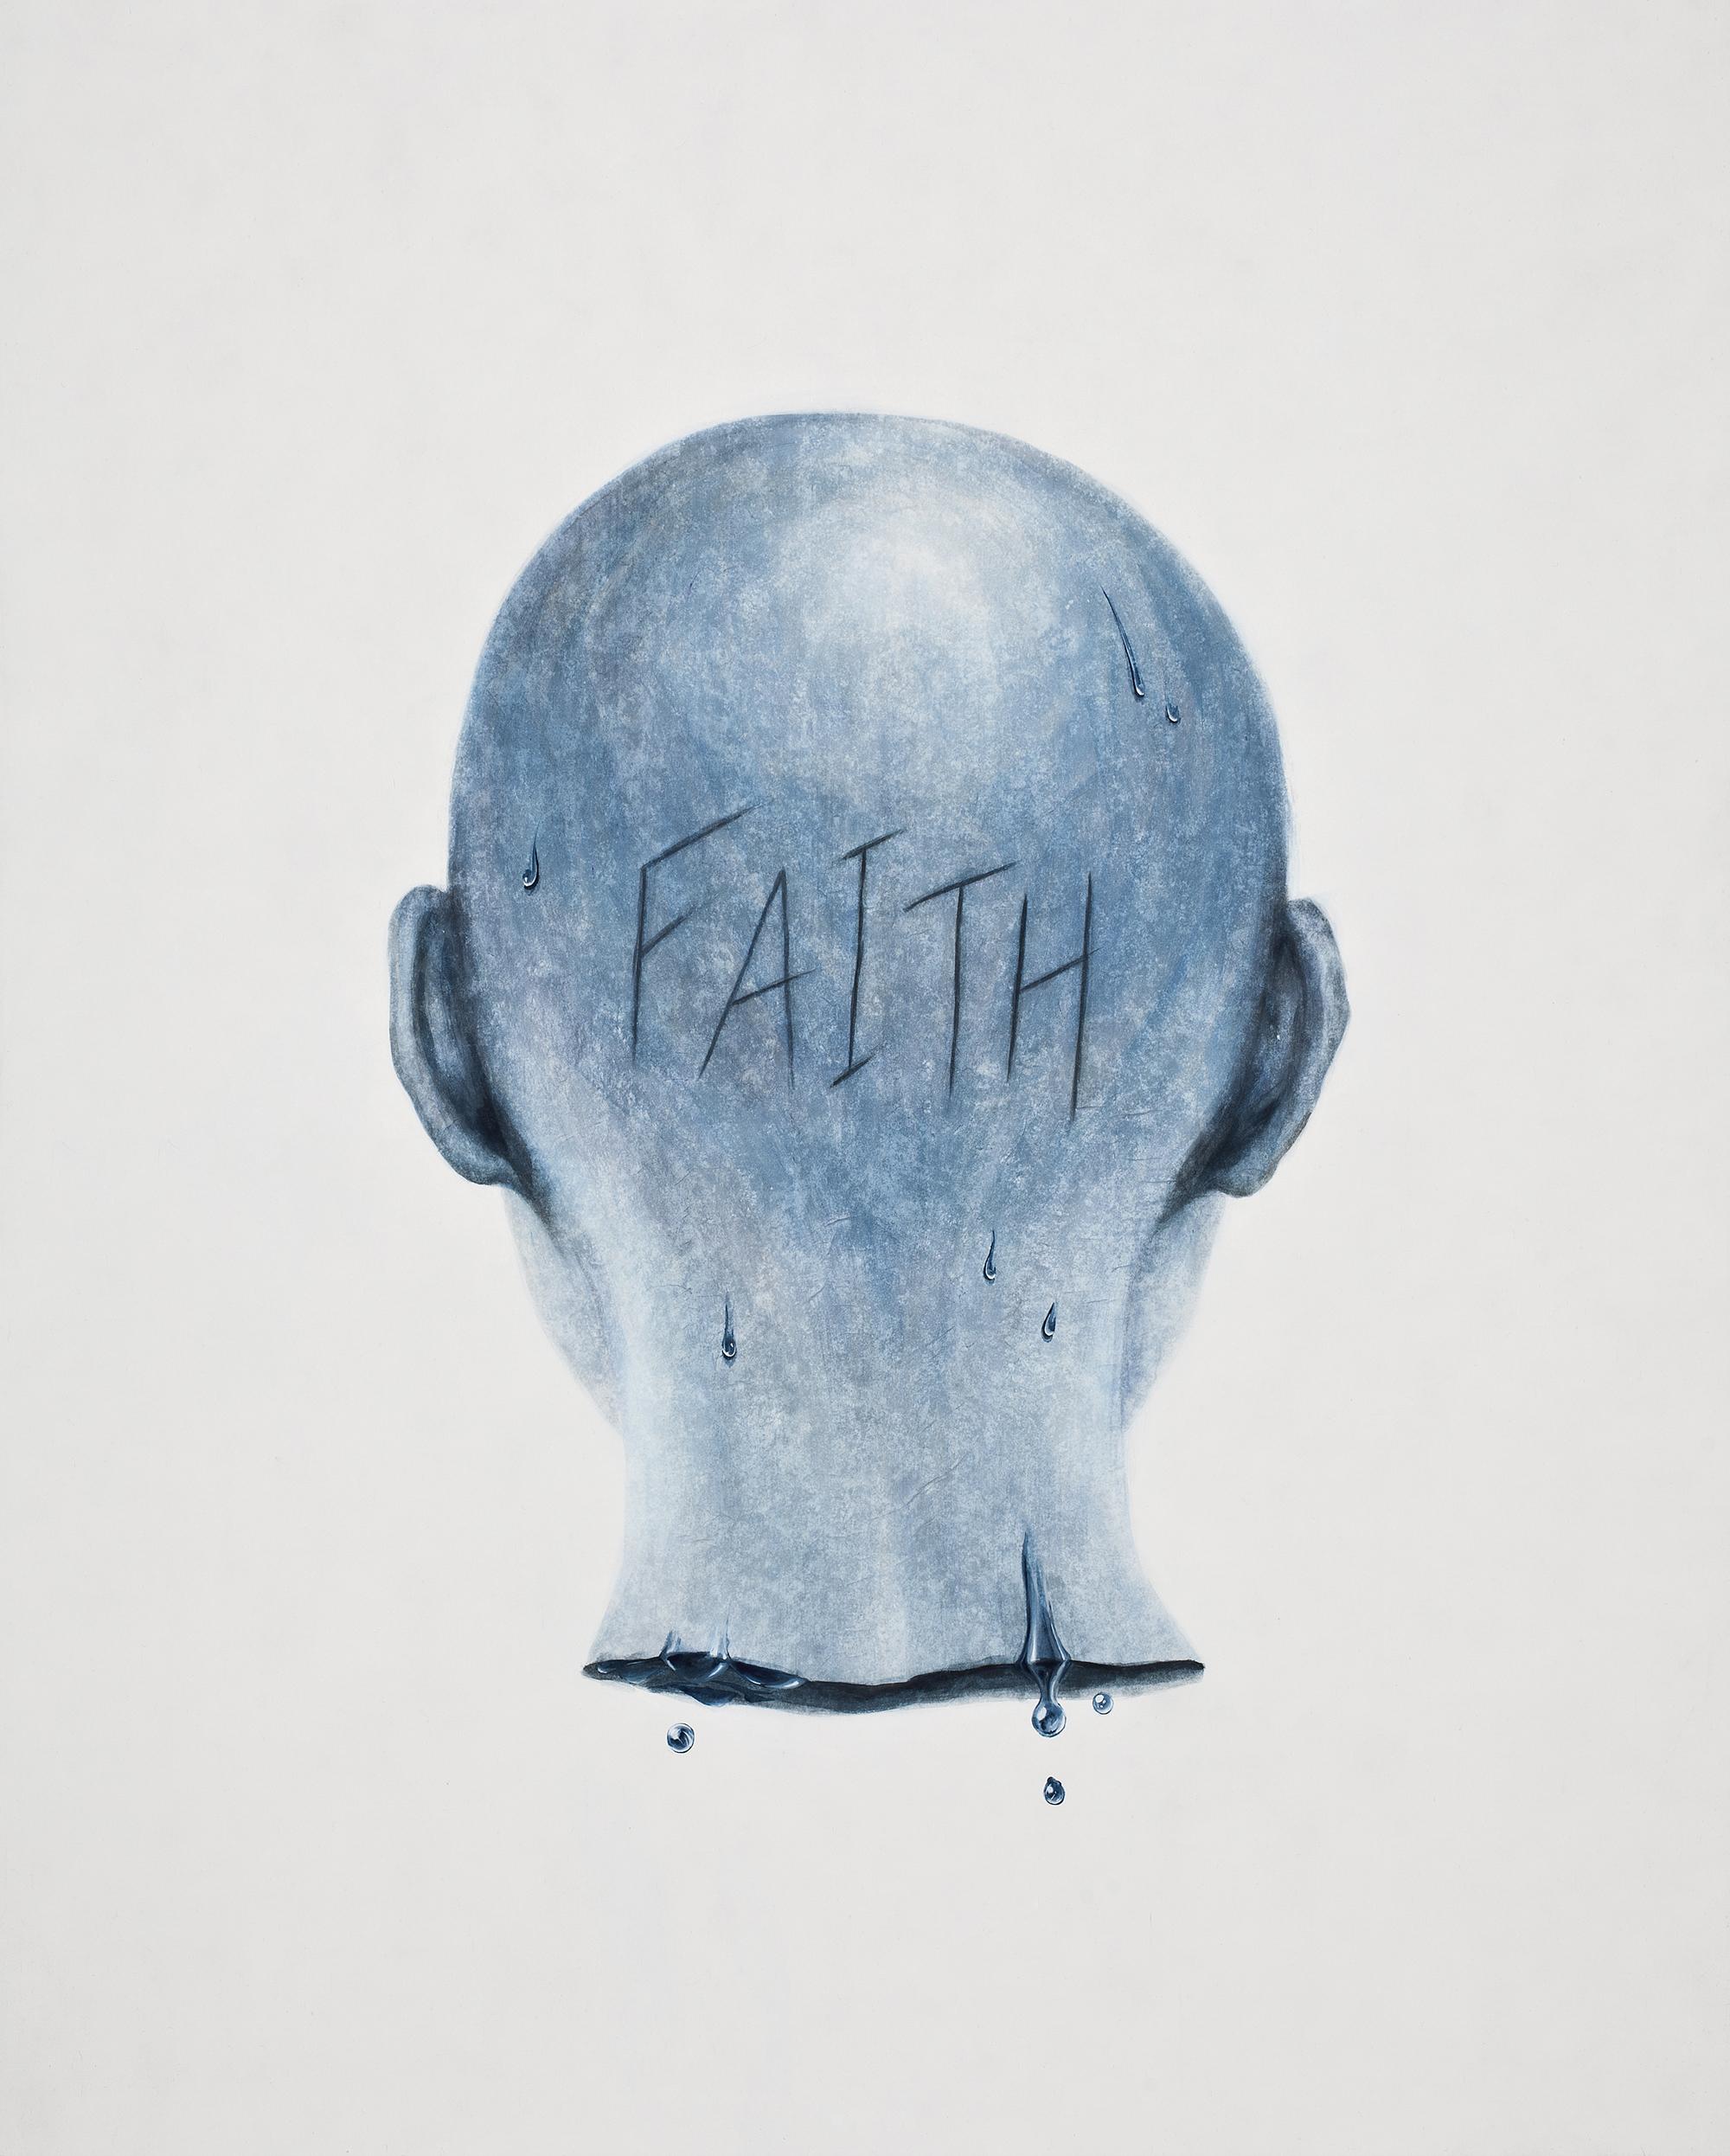 Faith-잊기쉬운